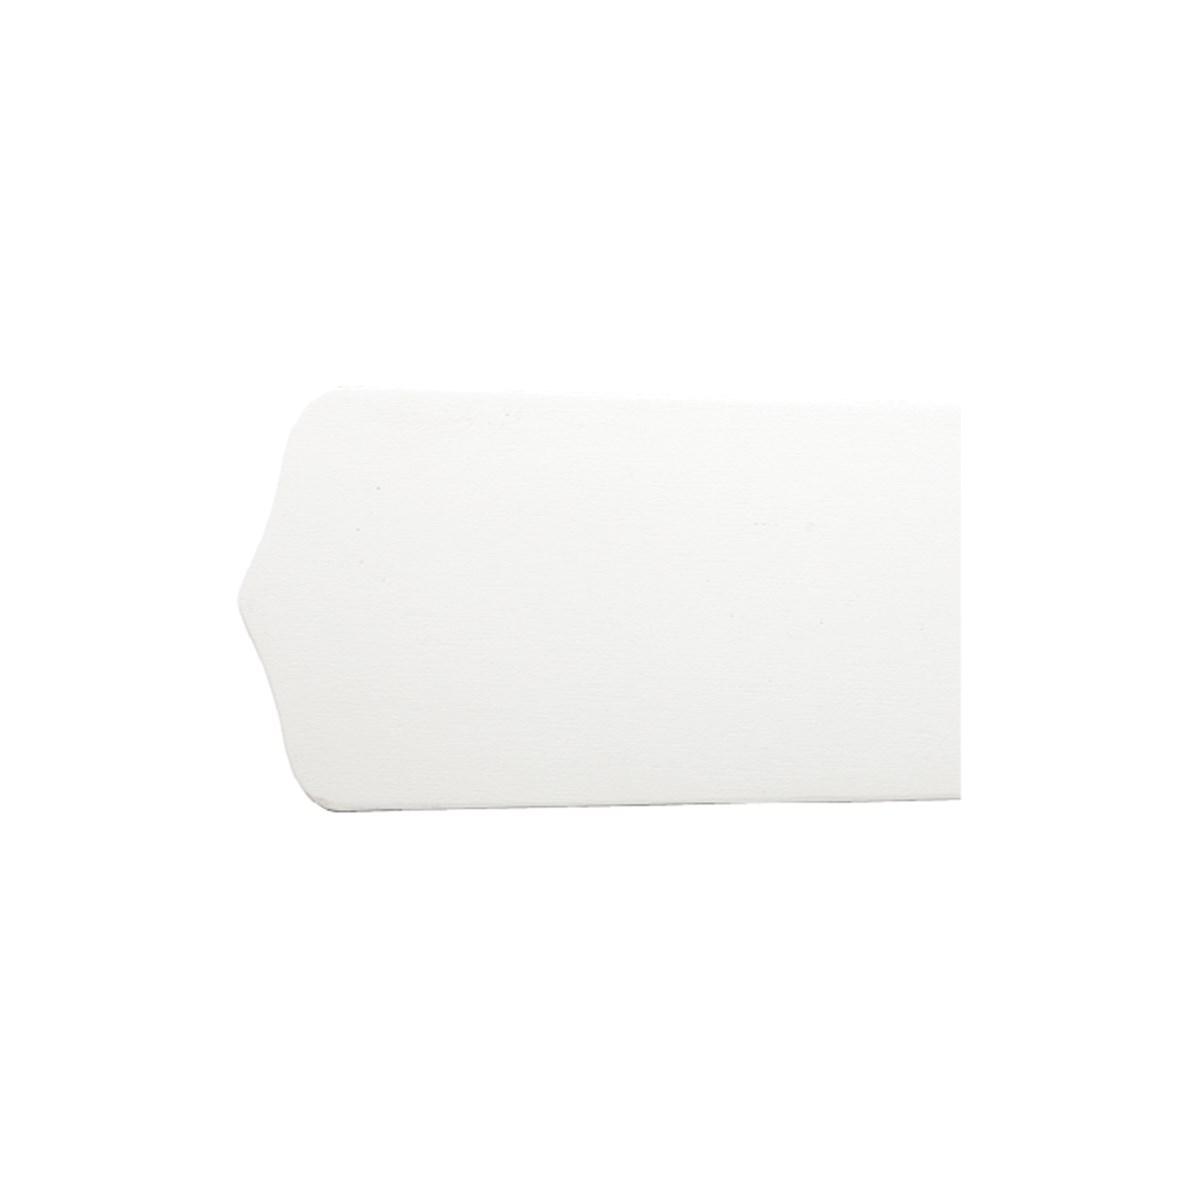 WHITE TYPE 1-42 POINT